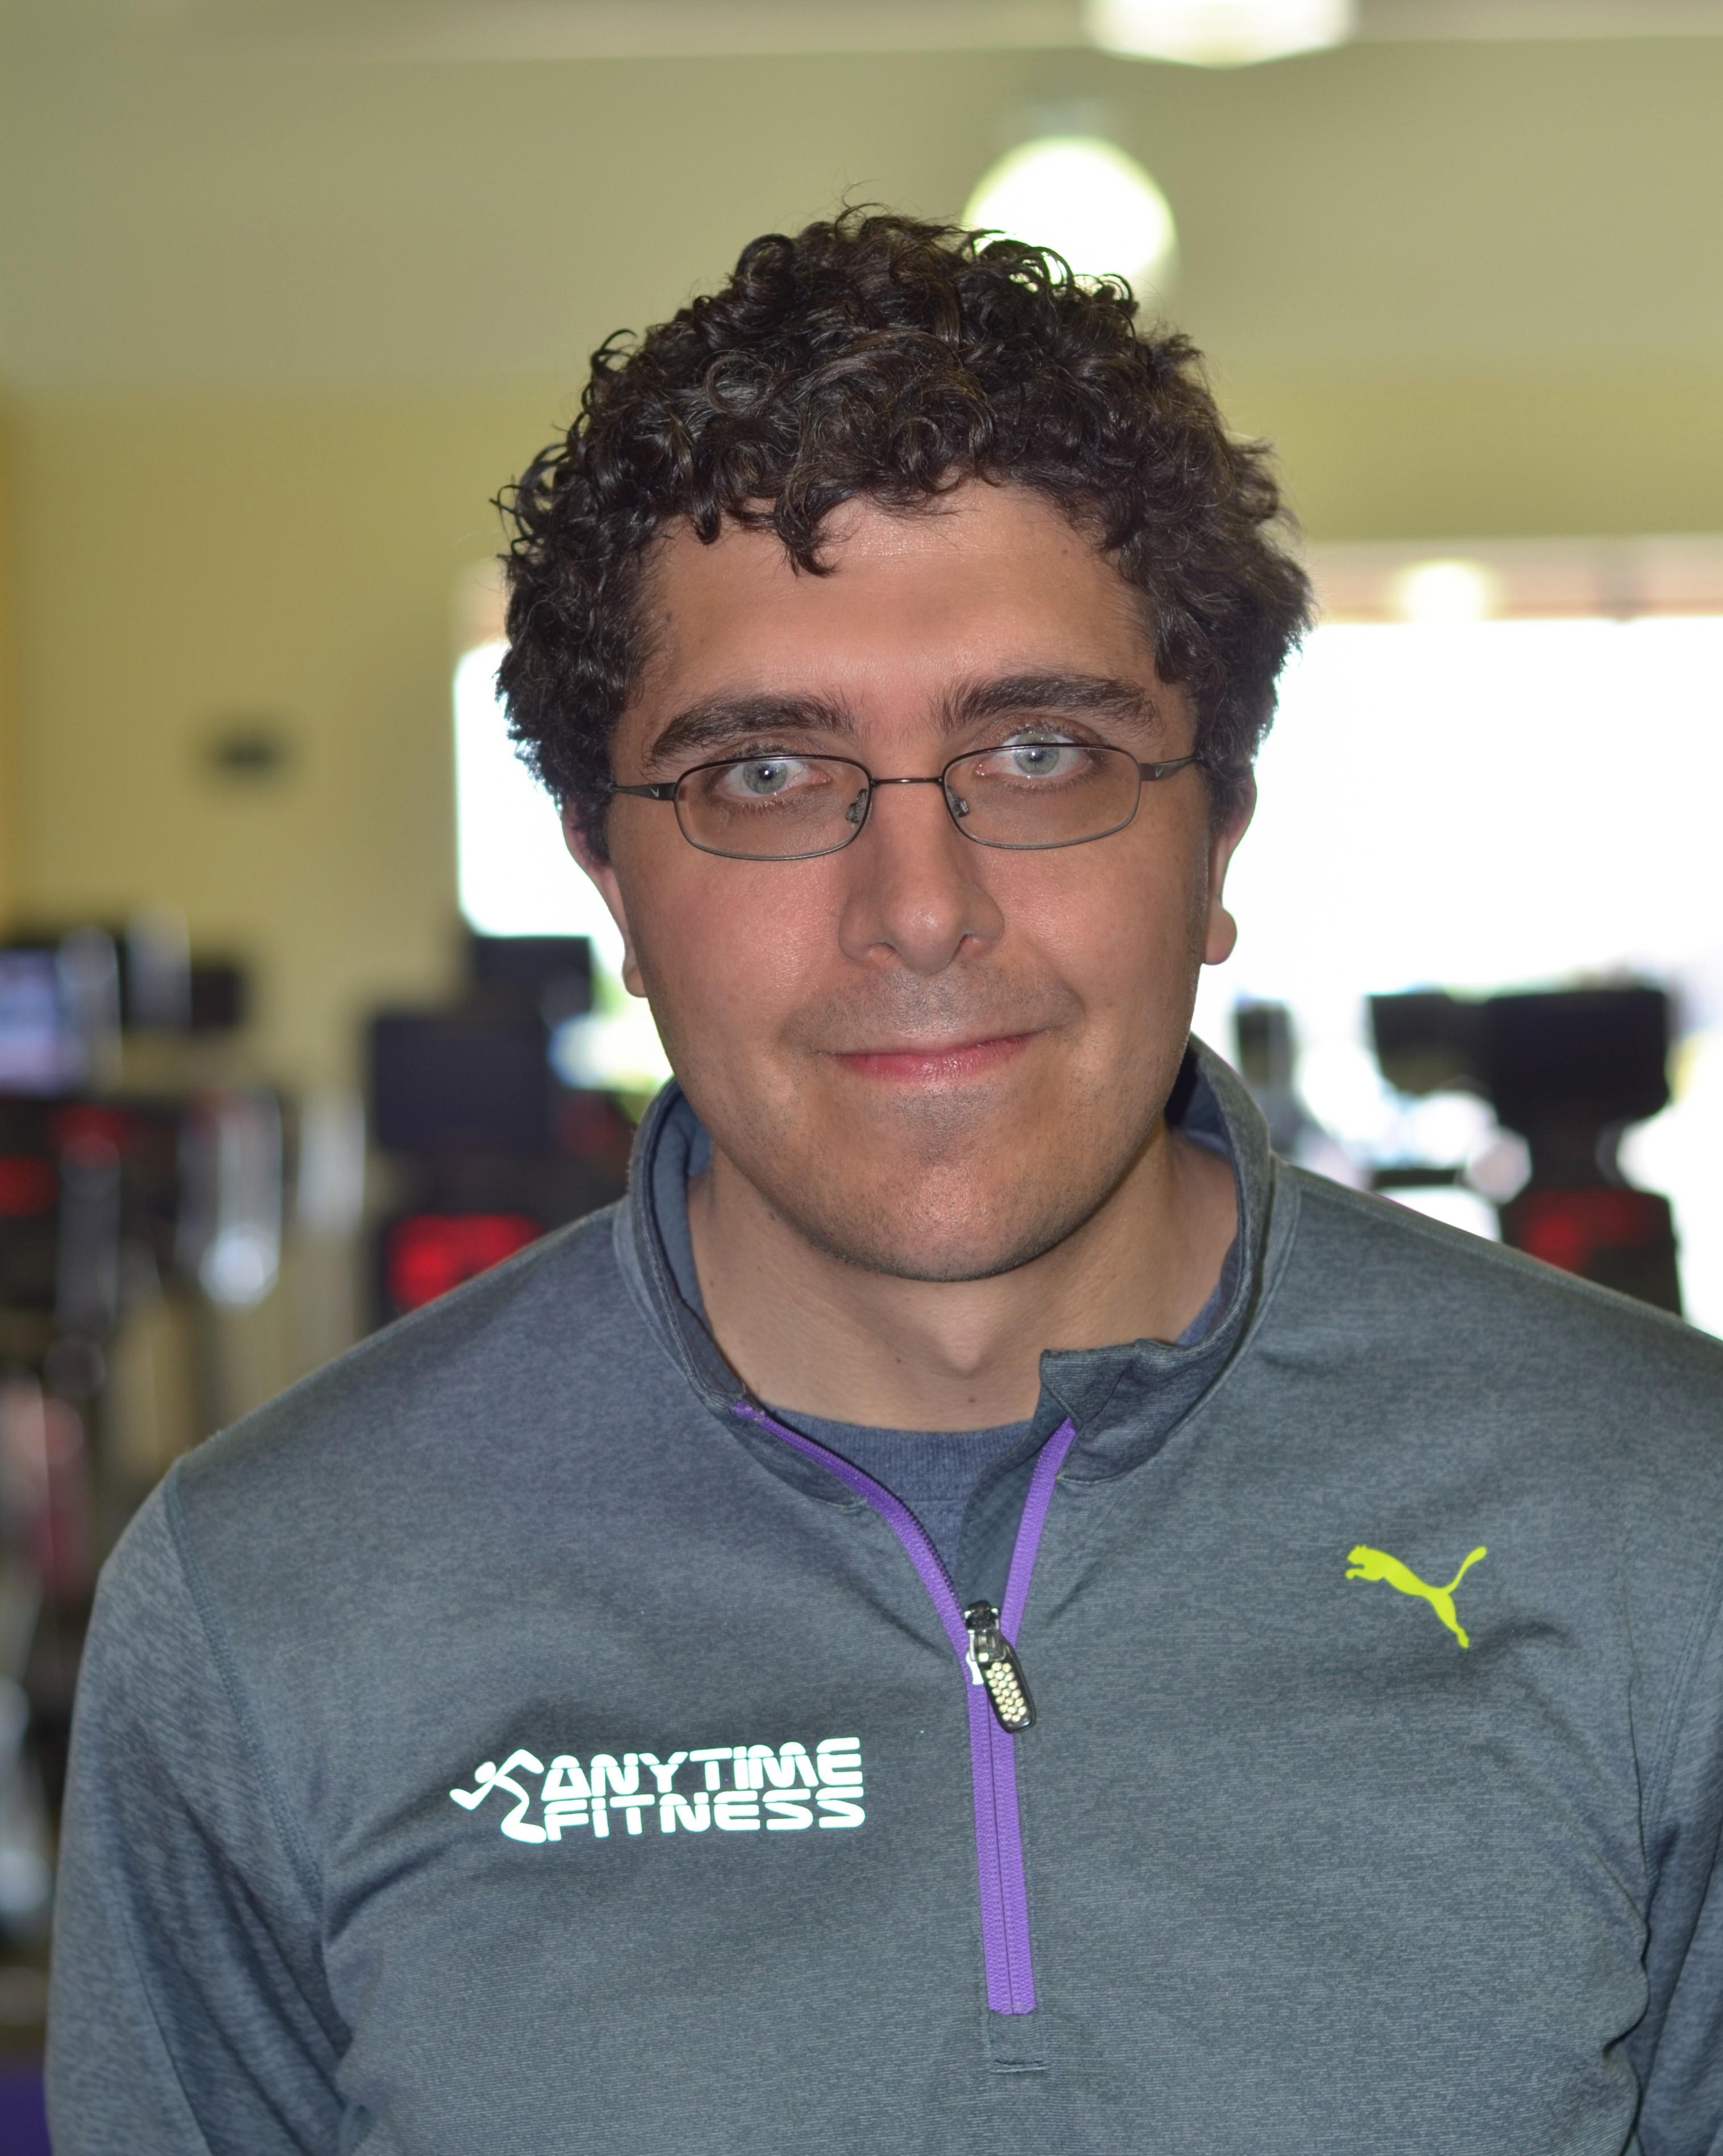 Steven Urso